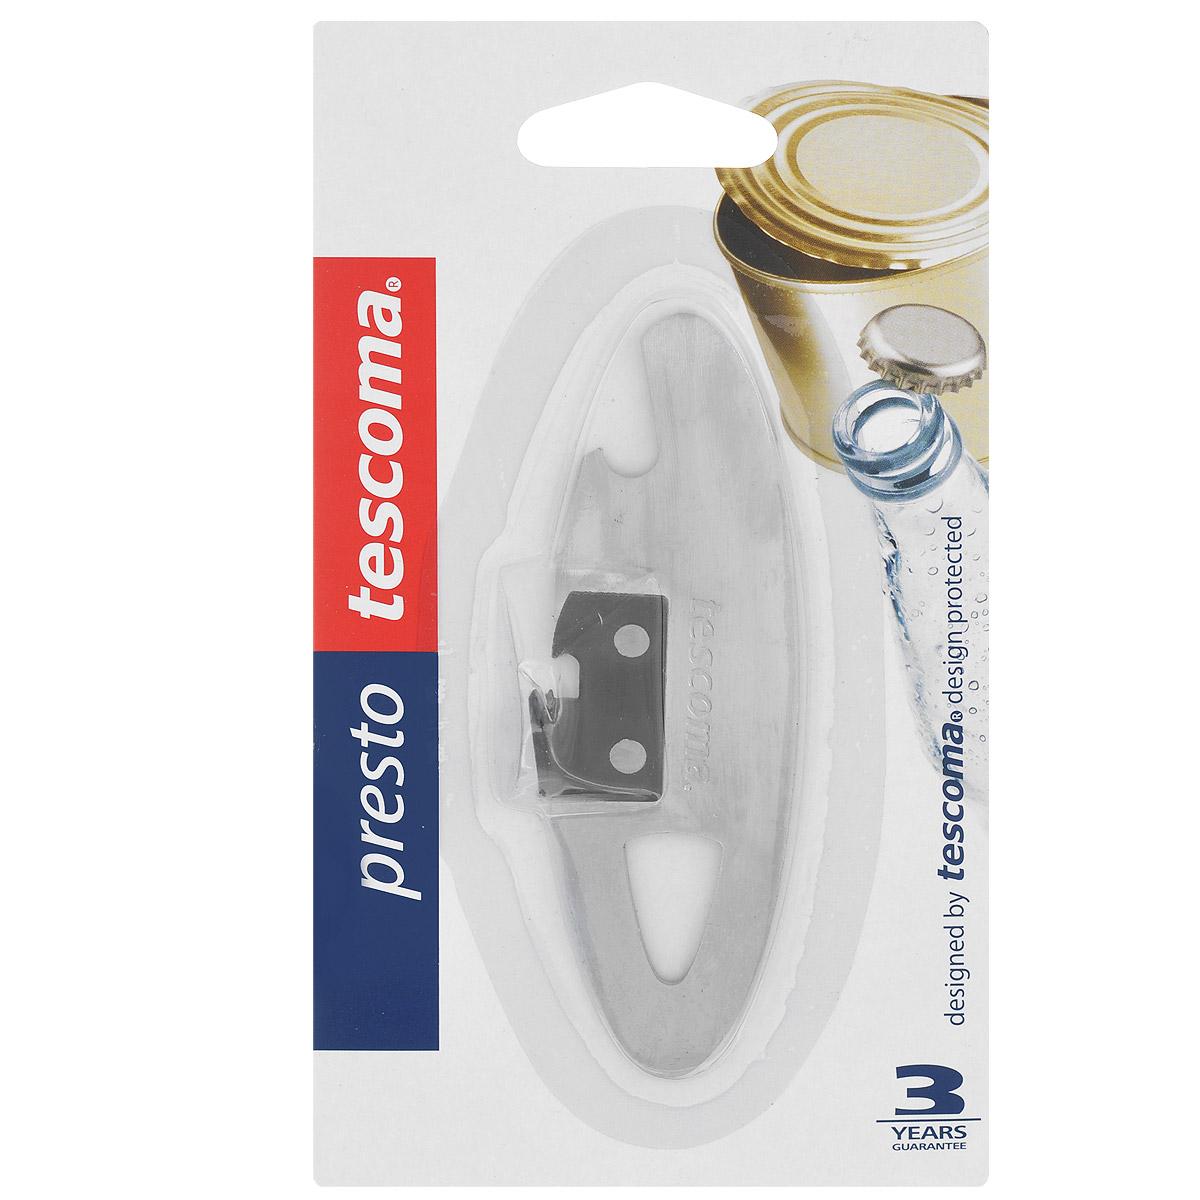 Нож консервный Tescoma Presto, компактный, длина 10,5 см420252Консервный нож Tescoma Presto выполнен из высококачественной нержавеющей стали 18/10. С помощью этого компактного консервного ножа вы сможете без приложения усилий со своей стороны открыть любую жестяную консервную банку. Консервный нож Tescoma Presto займет достойное место среди аксессуаров на вашей кухне. Оригинальный дизайн и качество исполнения не оставят равнодушными ни тех, кто любит готовить, ни опытных профессионалов-поваров. Общая длина ножа: 10,5 см. Компактный консервный нож Tescoma изготовлен из нержавеющей стали. Предназначен для удобного открывания консервов. Так же нож прекрасно подойдет для открывания бутылок с кронен-пробками.